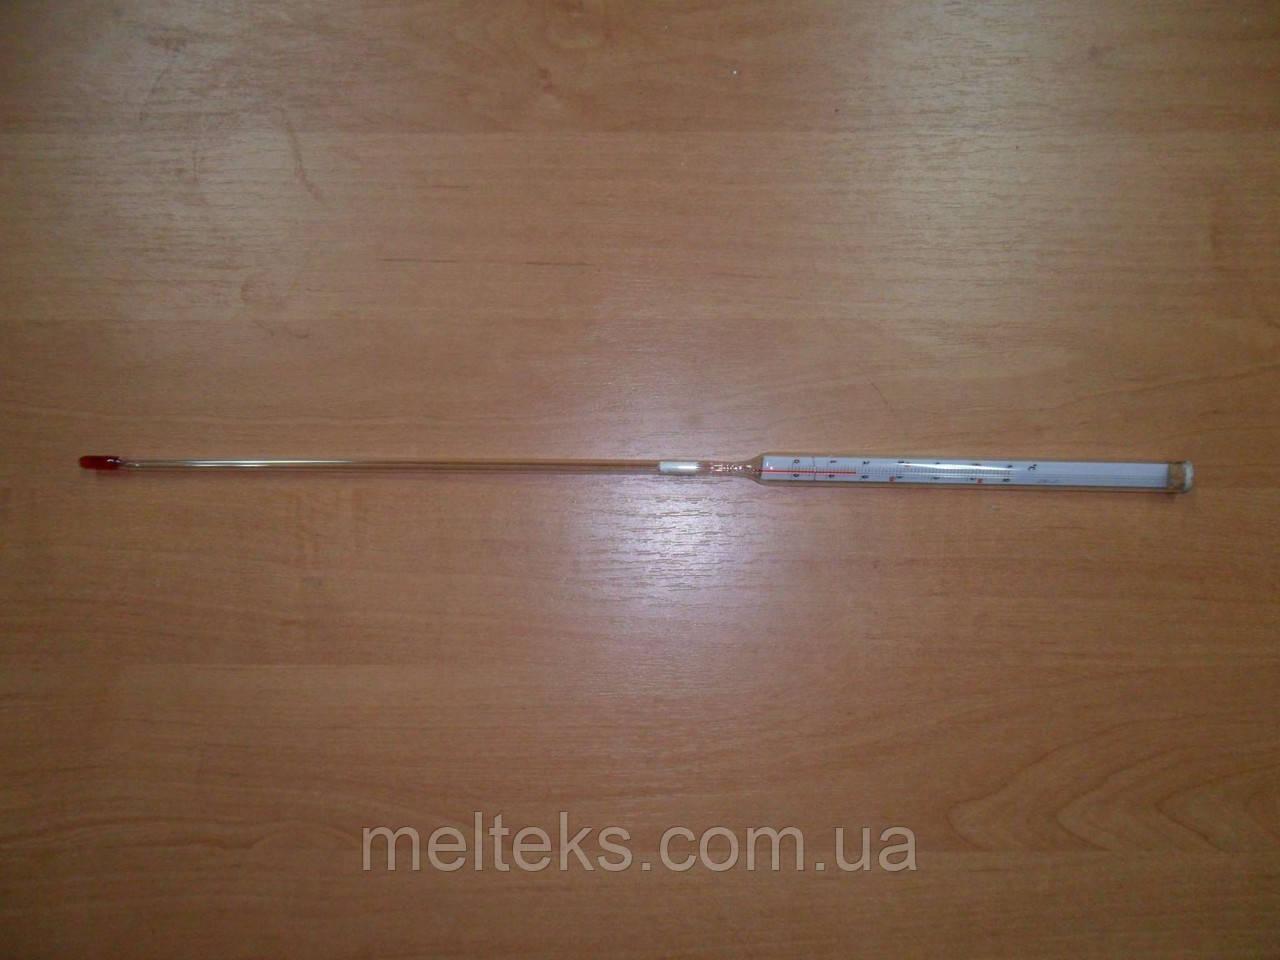 Термометр ТС-6 для АМ-6